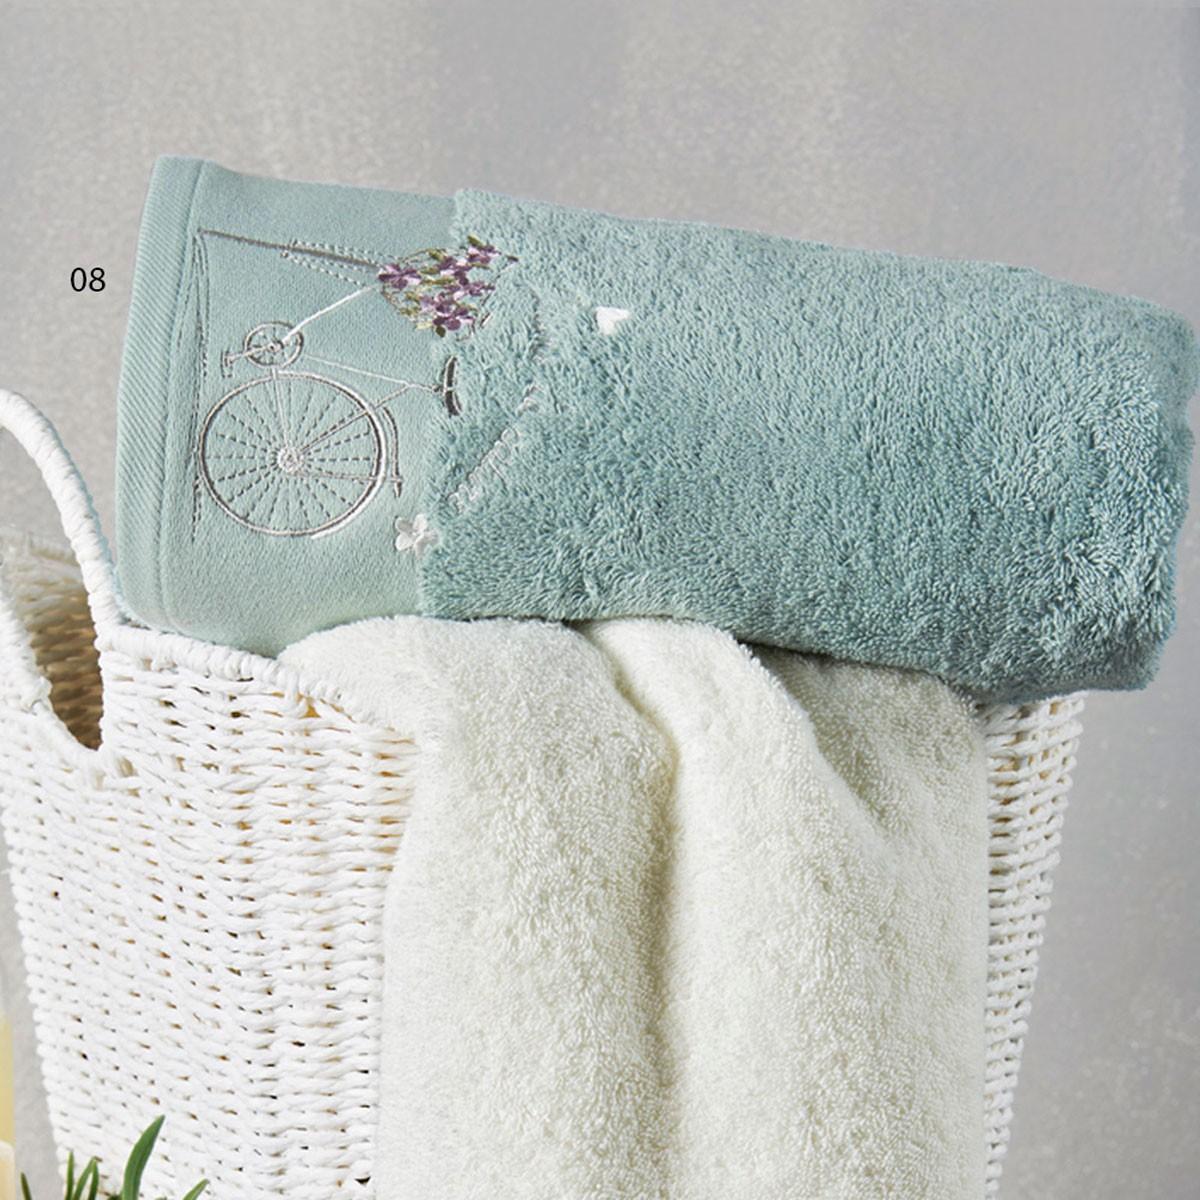 Πετσέτες Μπάνιου (Σετ 3τμχ) Kentia Bath Rimini 08